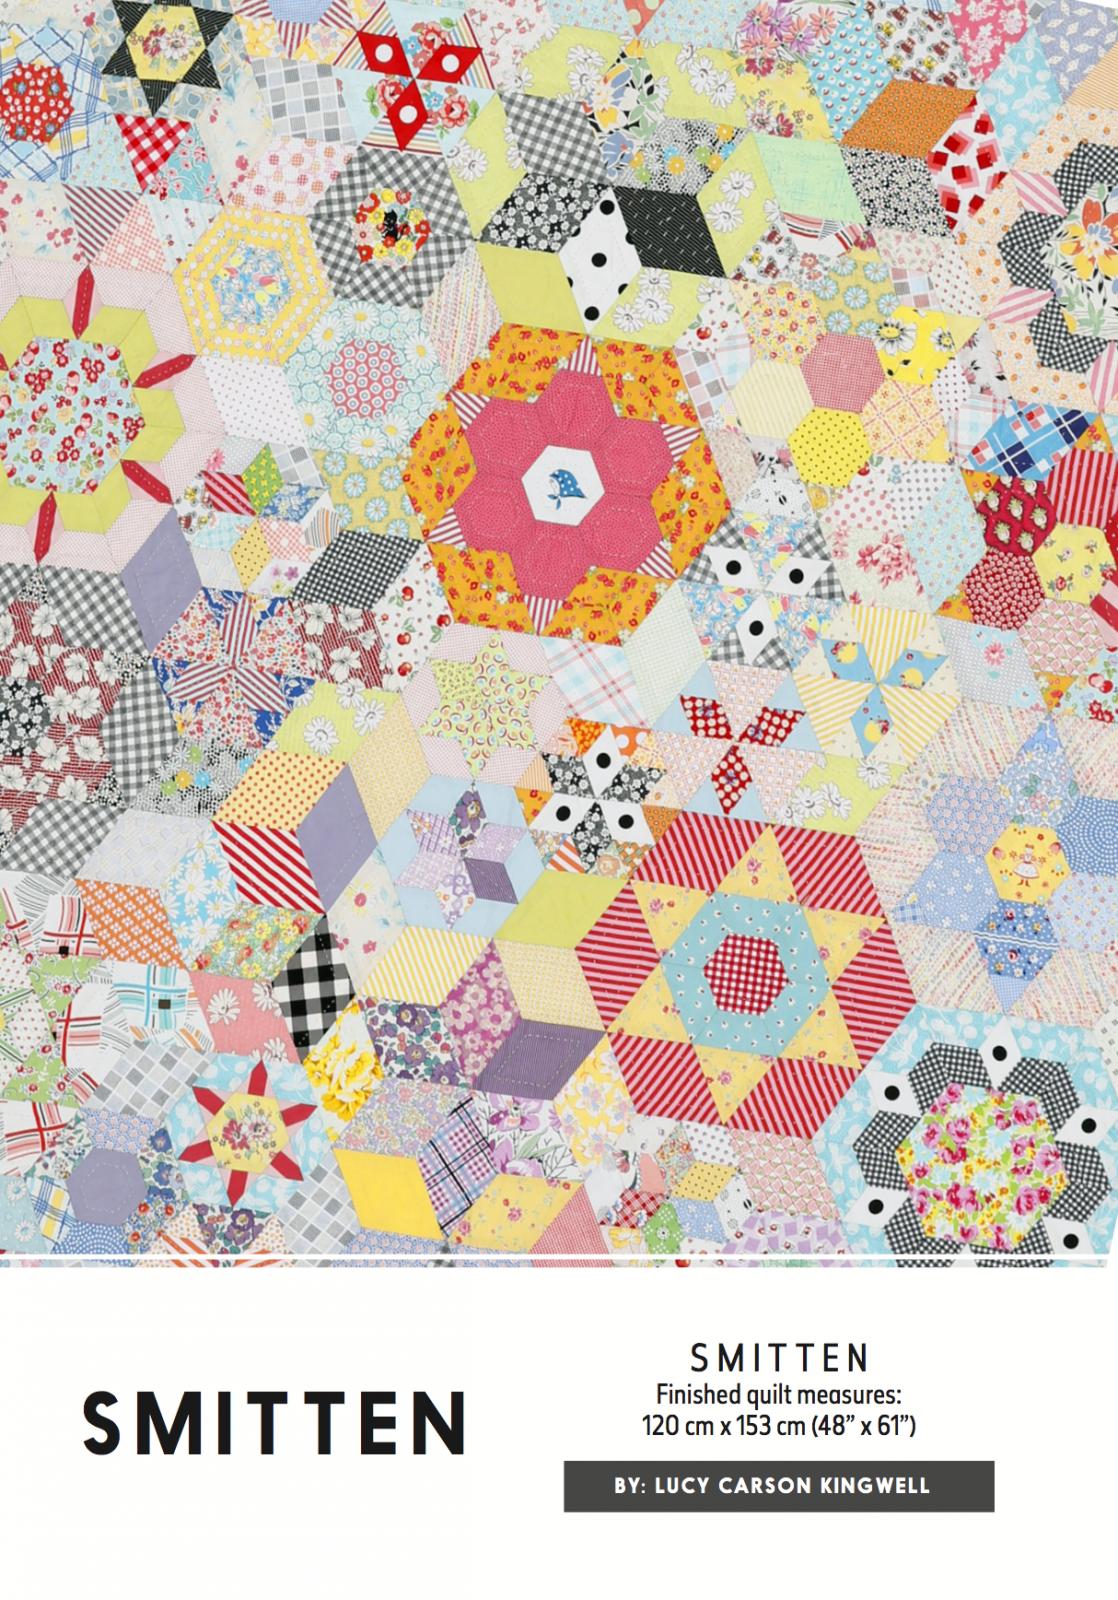 Smitten Pattern by Lucy Carson Kingwell for Jen Kingwell Designs